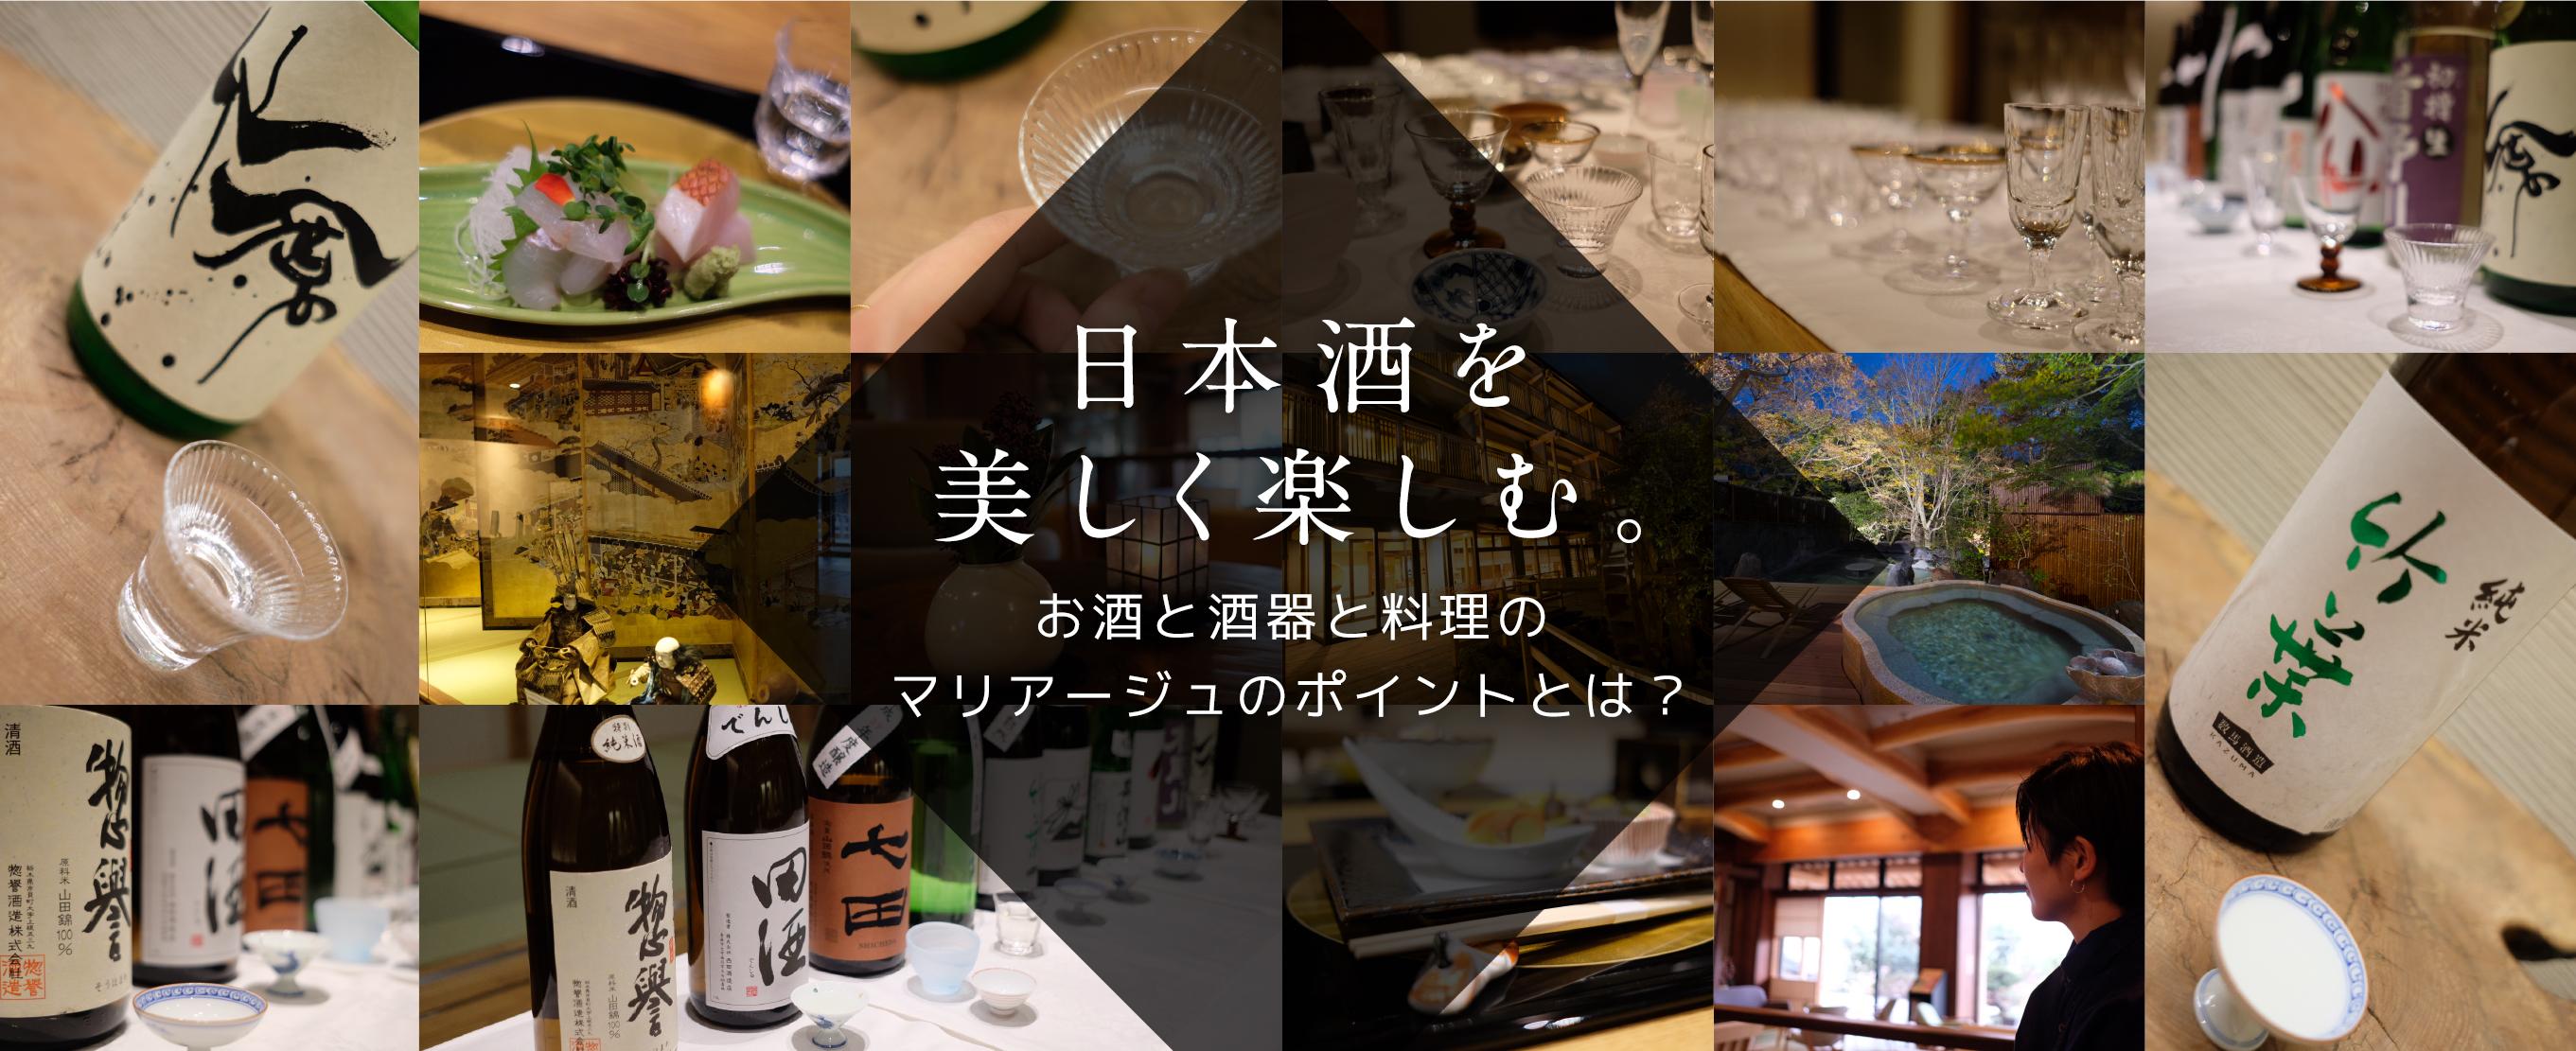 日本酒を美しく楽しむ。お酒と酒器と料理のマリアージュのポイントとは?